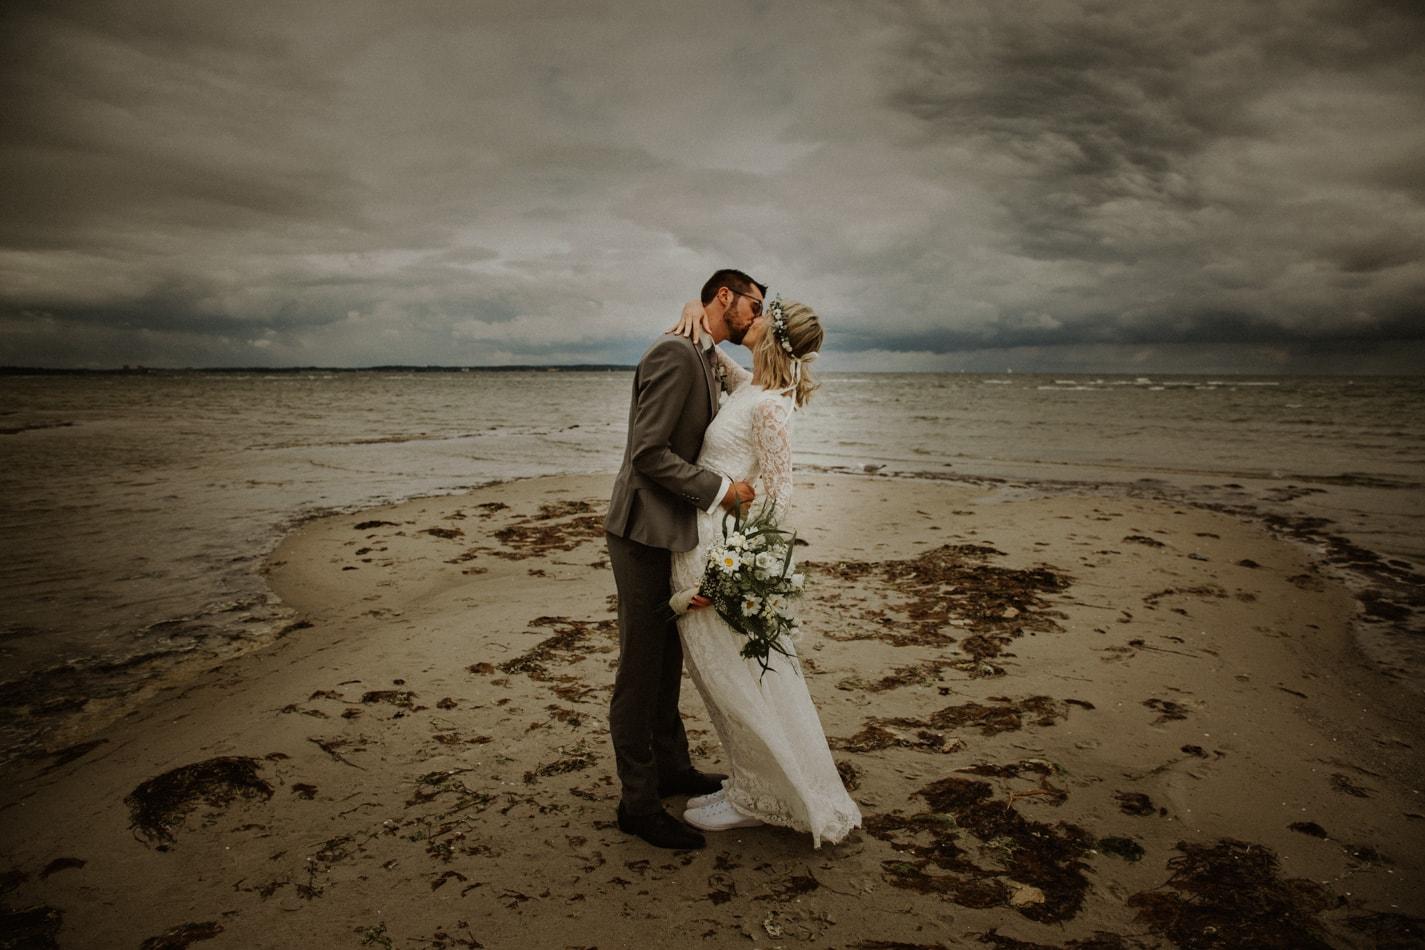 Hochzeit in Stein am Strand